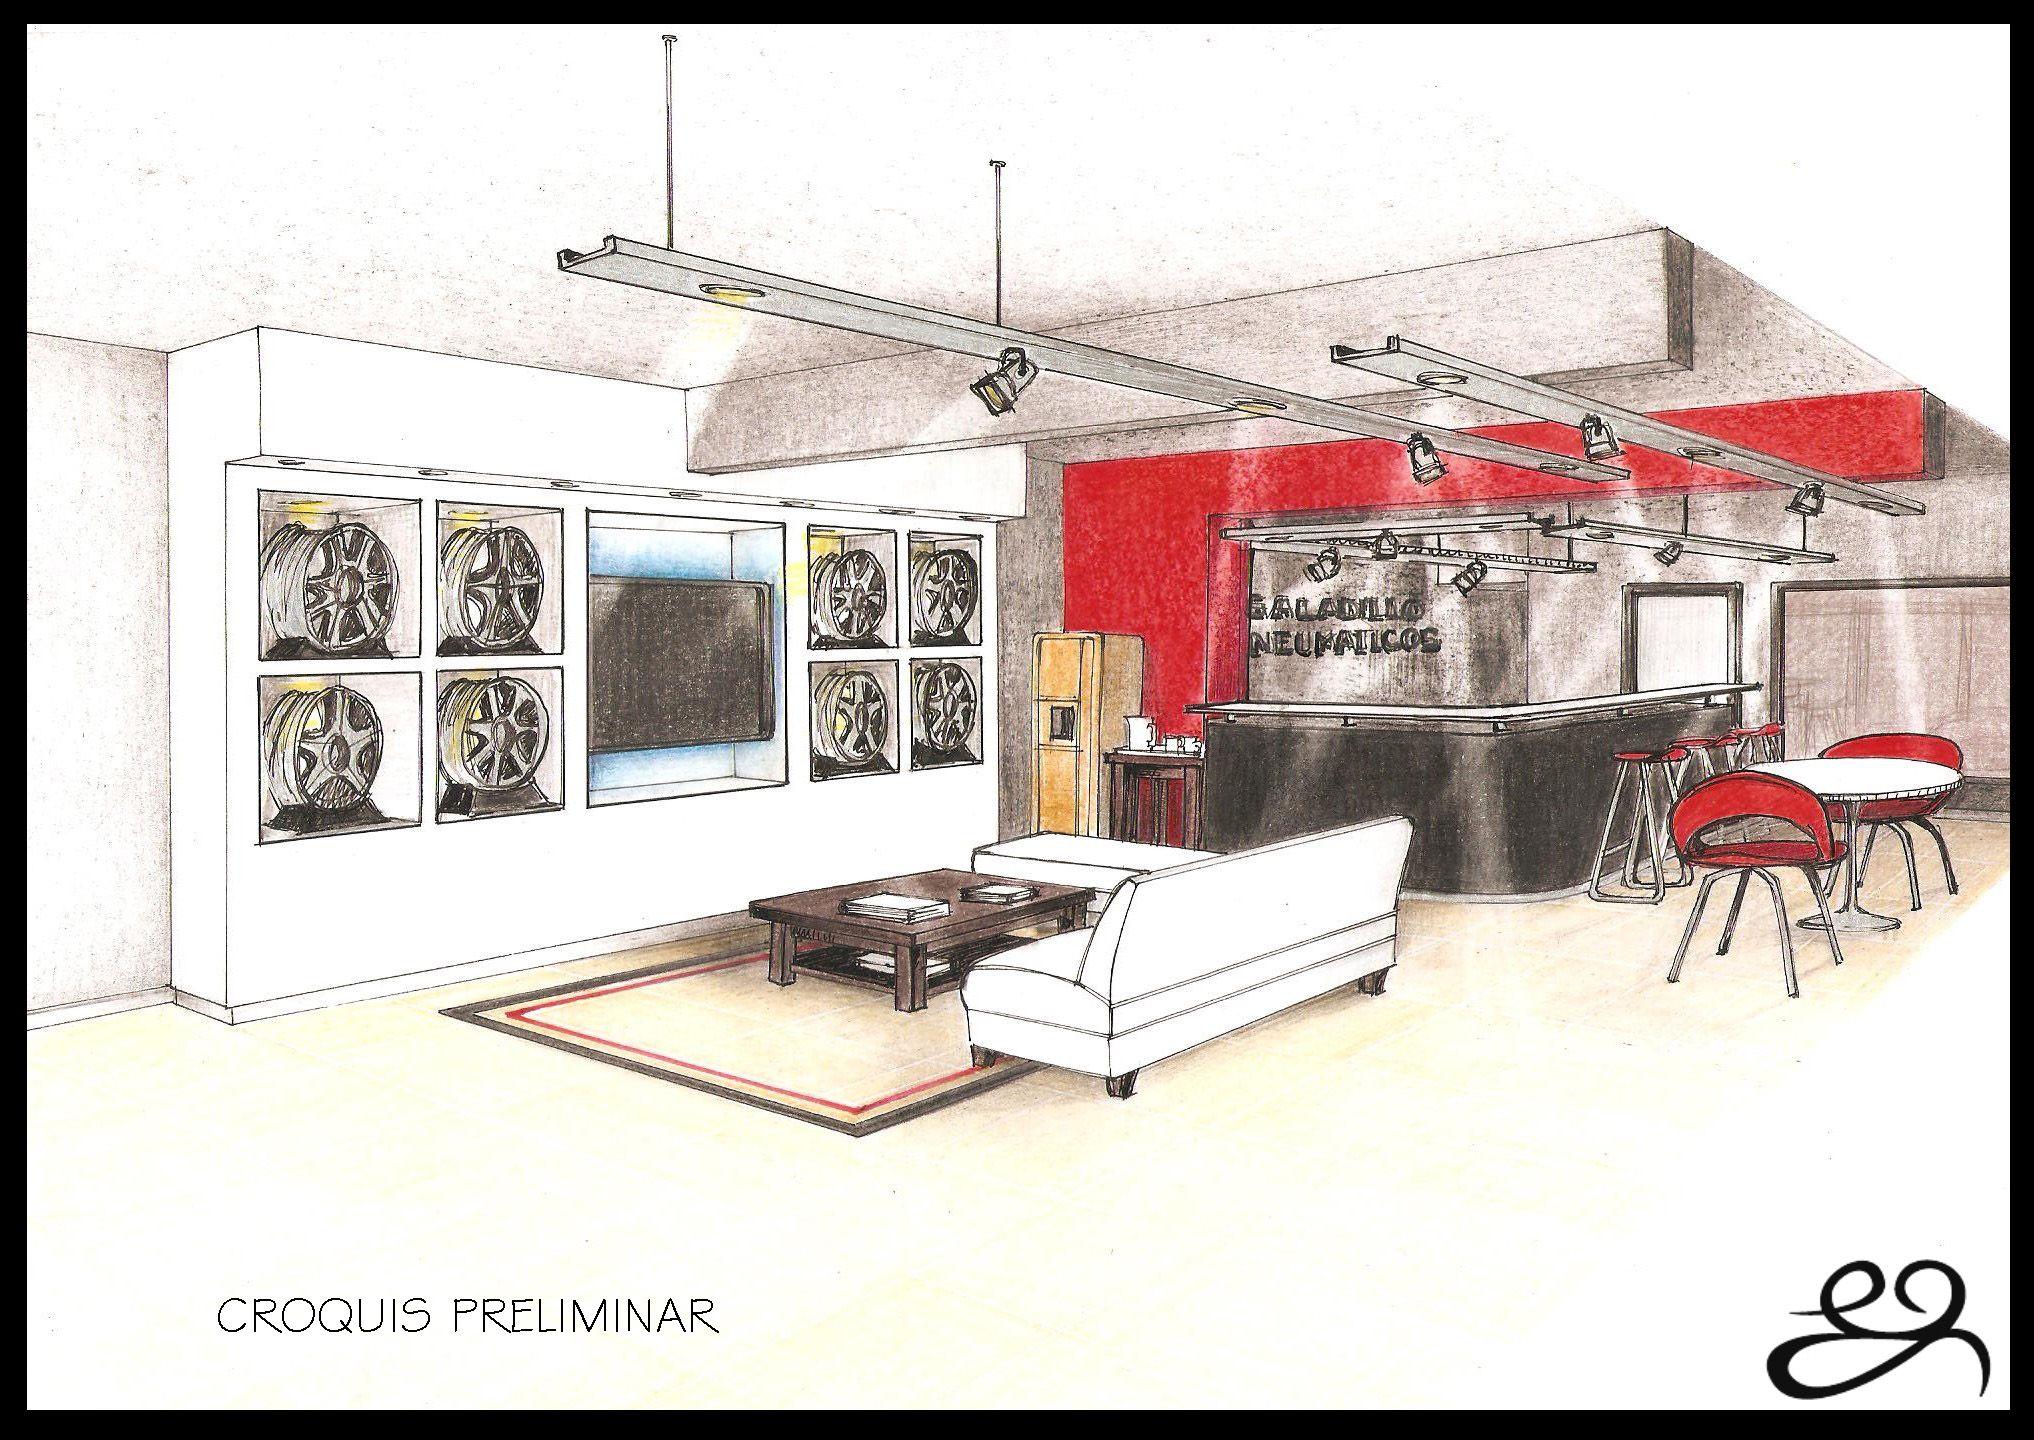 Un showroom de neumáticos!